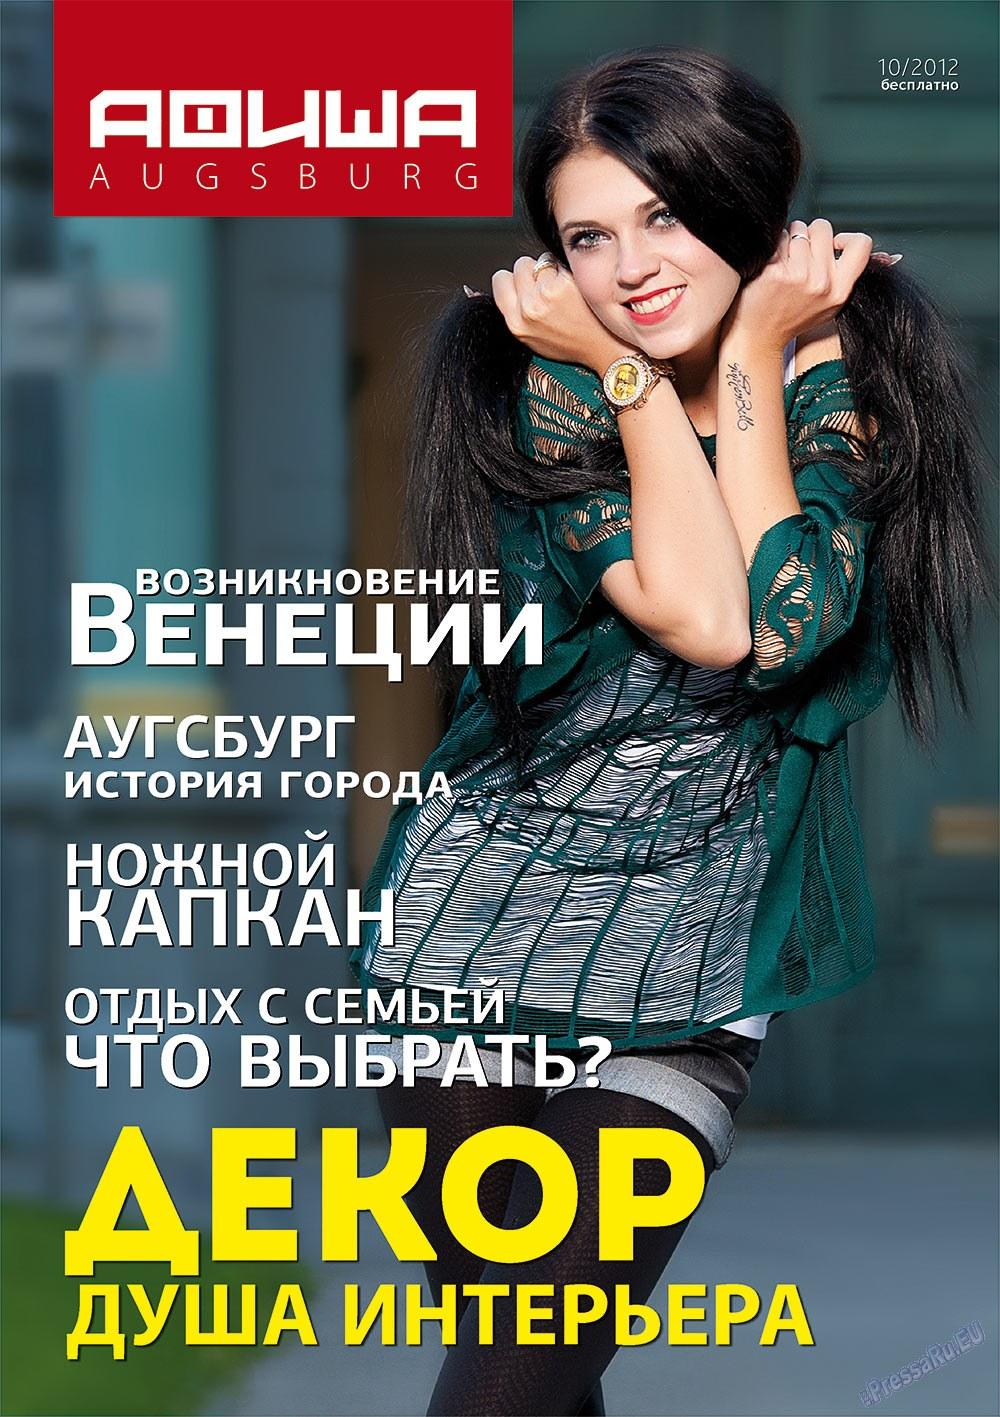 Афиша Augsburg (журнал). 2012 год, номер 10, стр. 1